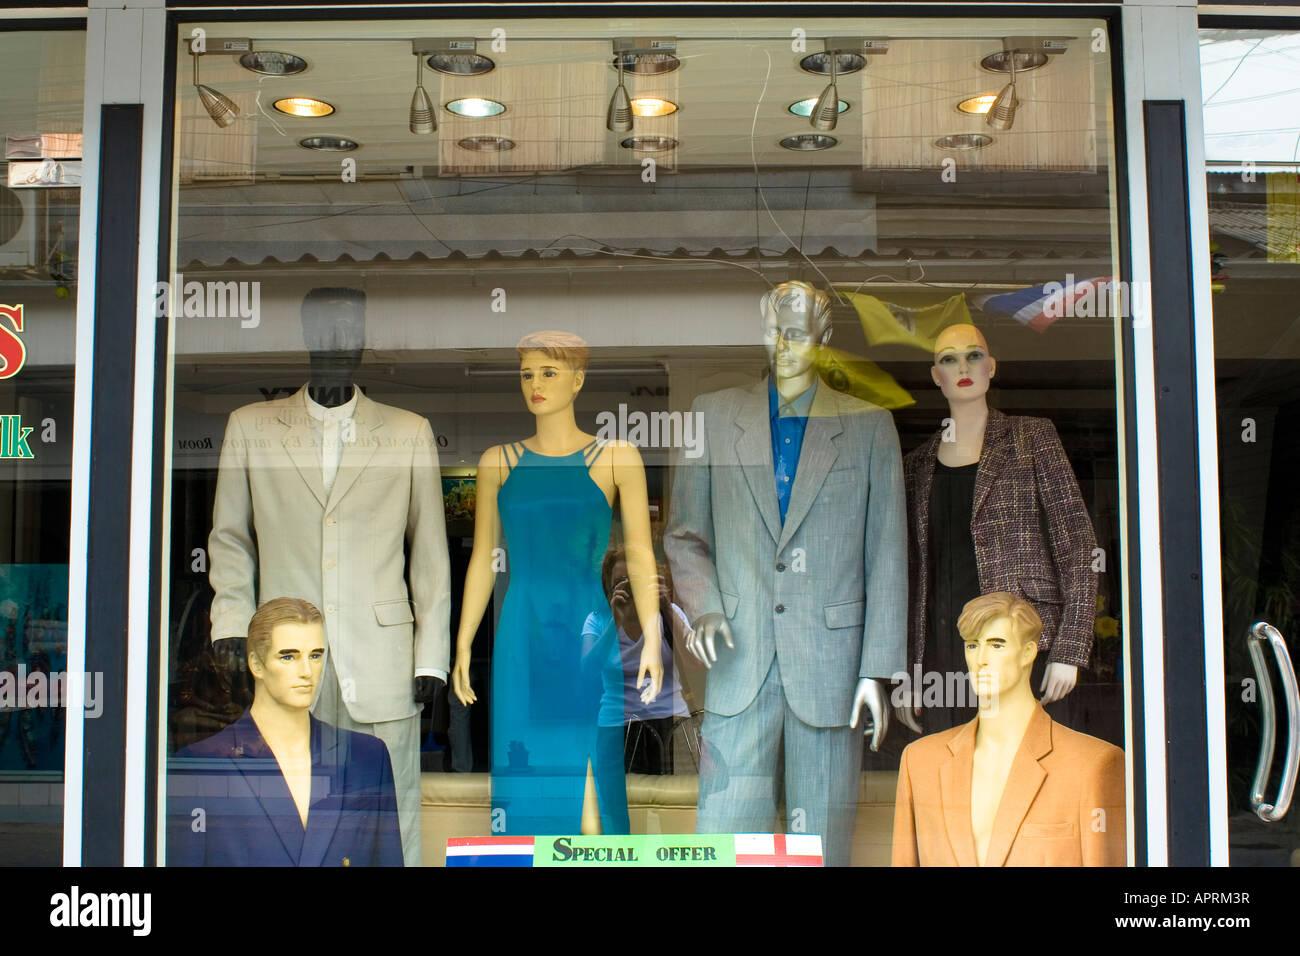 984f29eeba8577 Glamouröse männliche und weibliche Shop Dummies Modellierung Kleidung